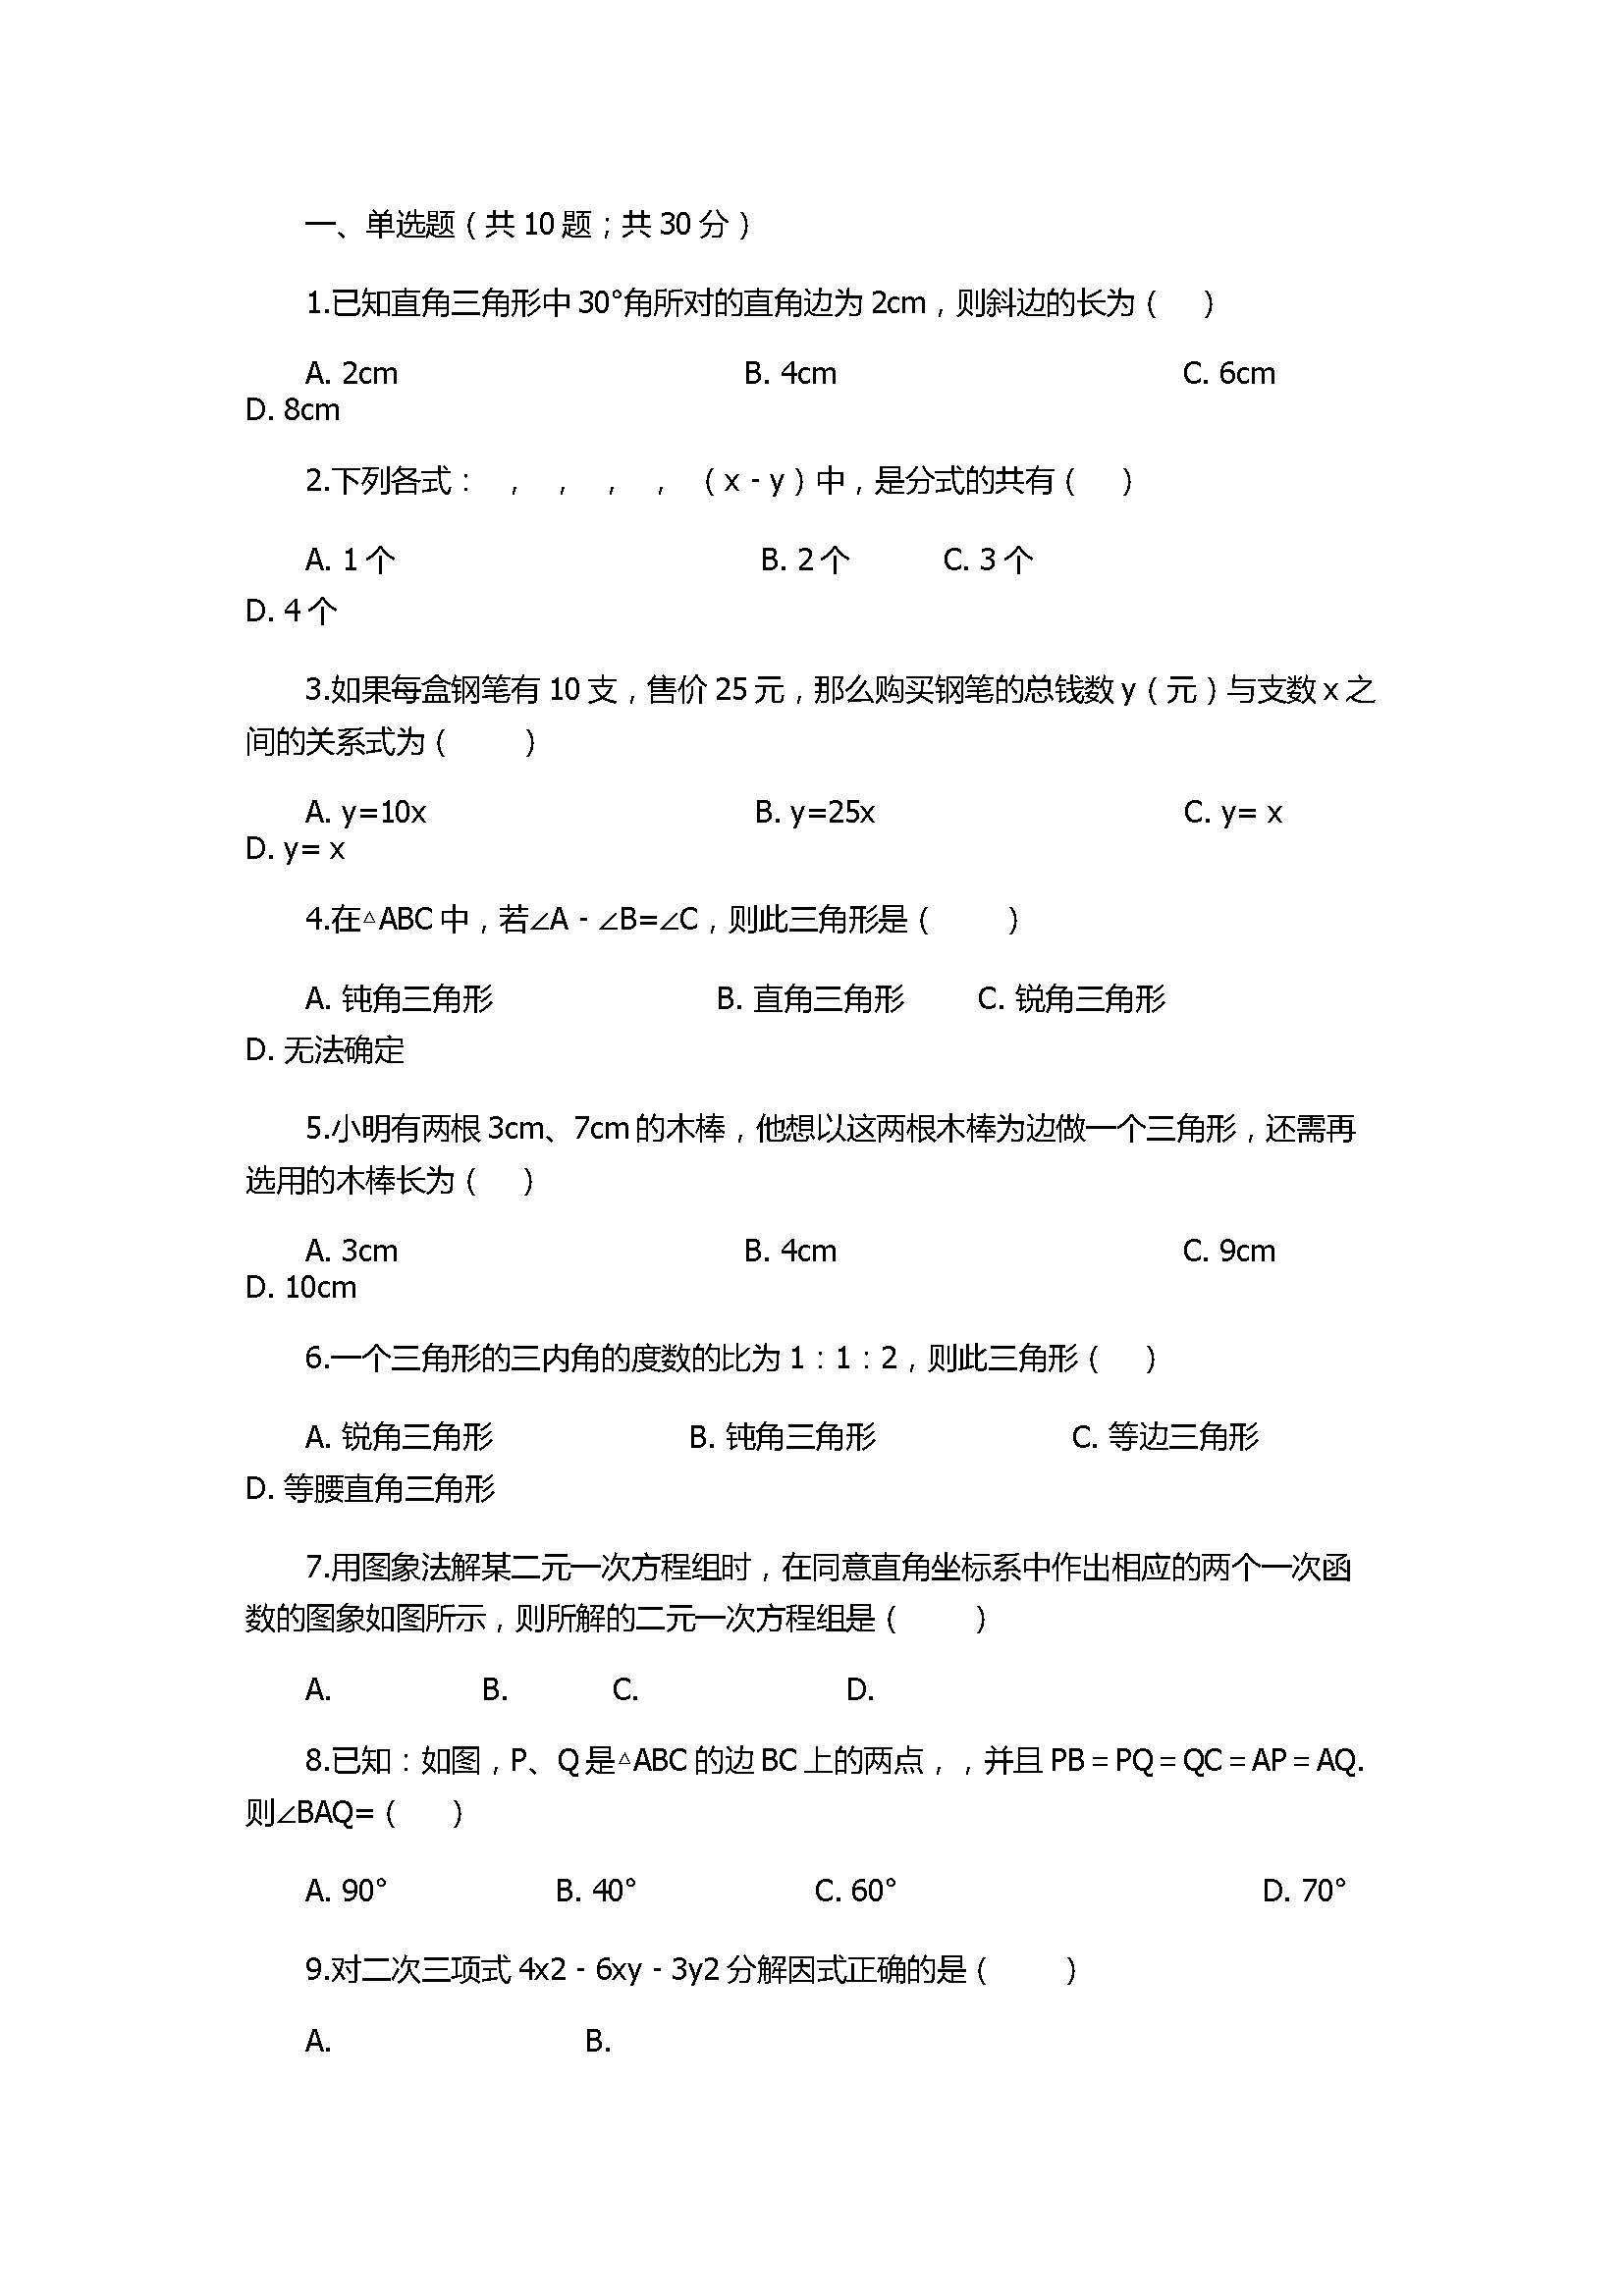 2017八年级数学上册期末模拟试卷附答案(三明市大田县)